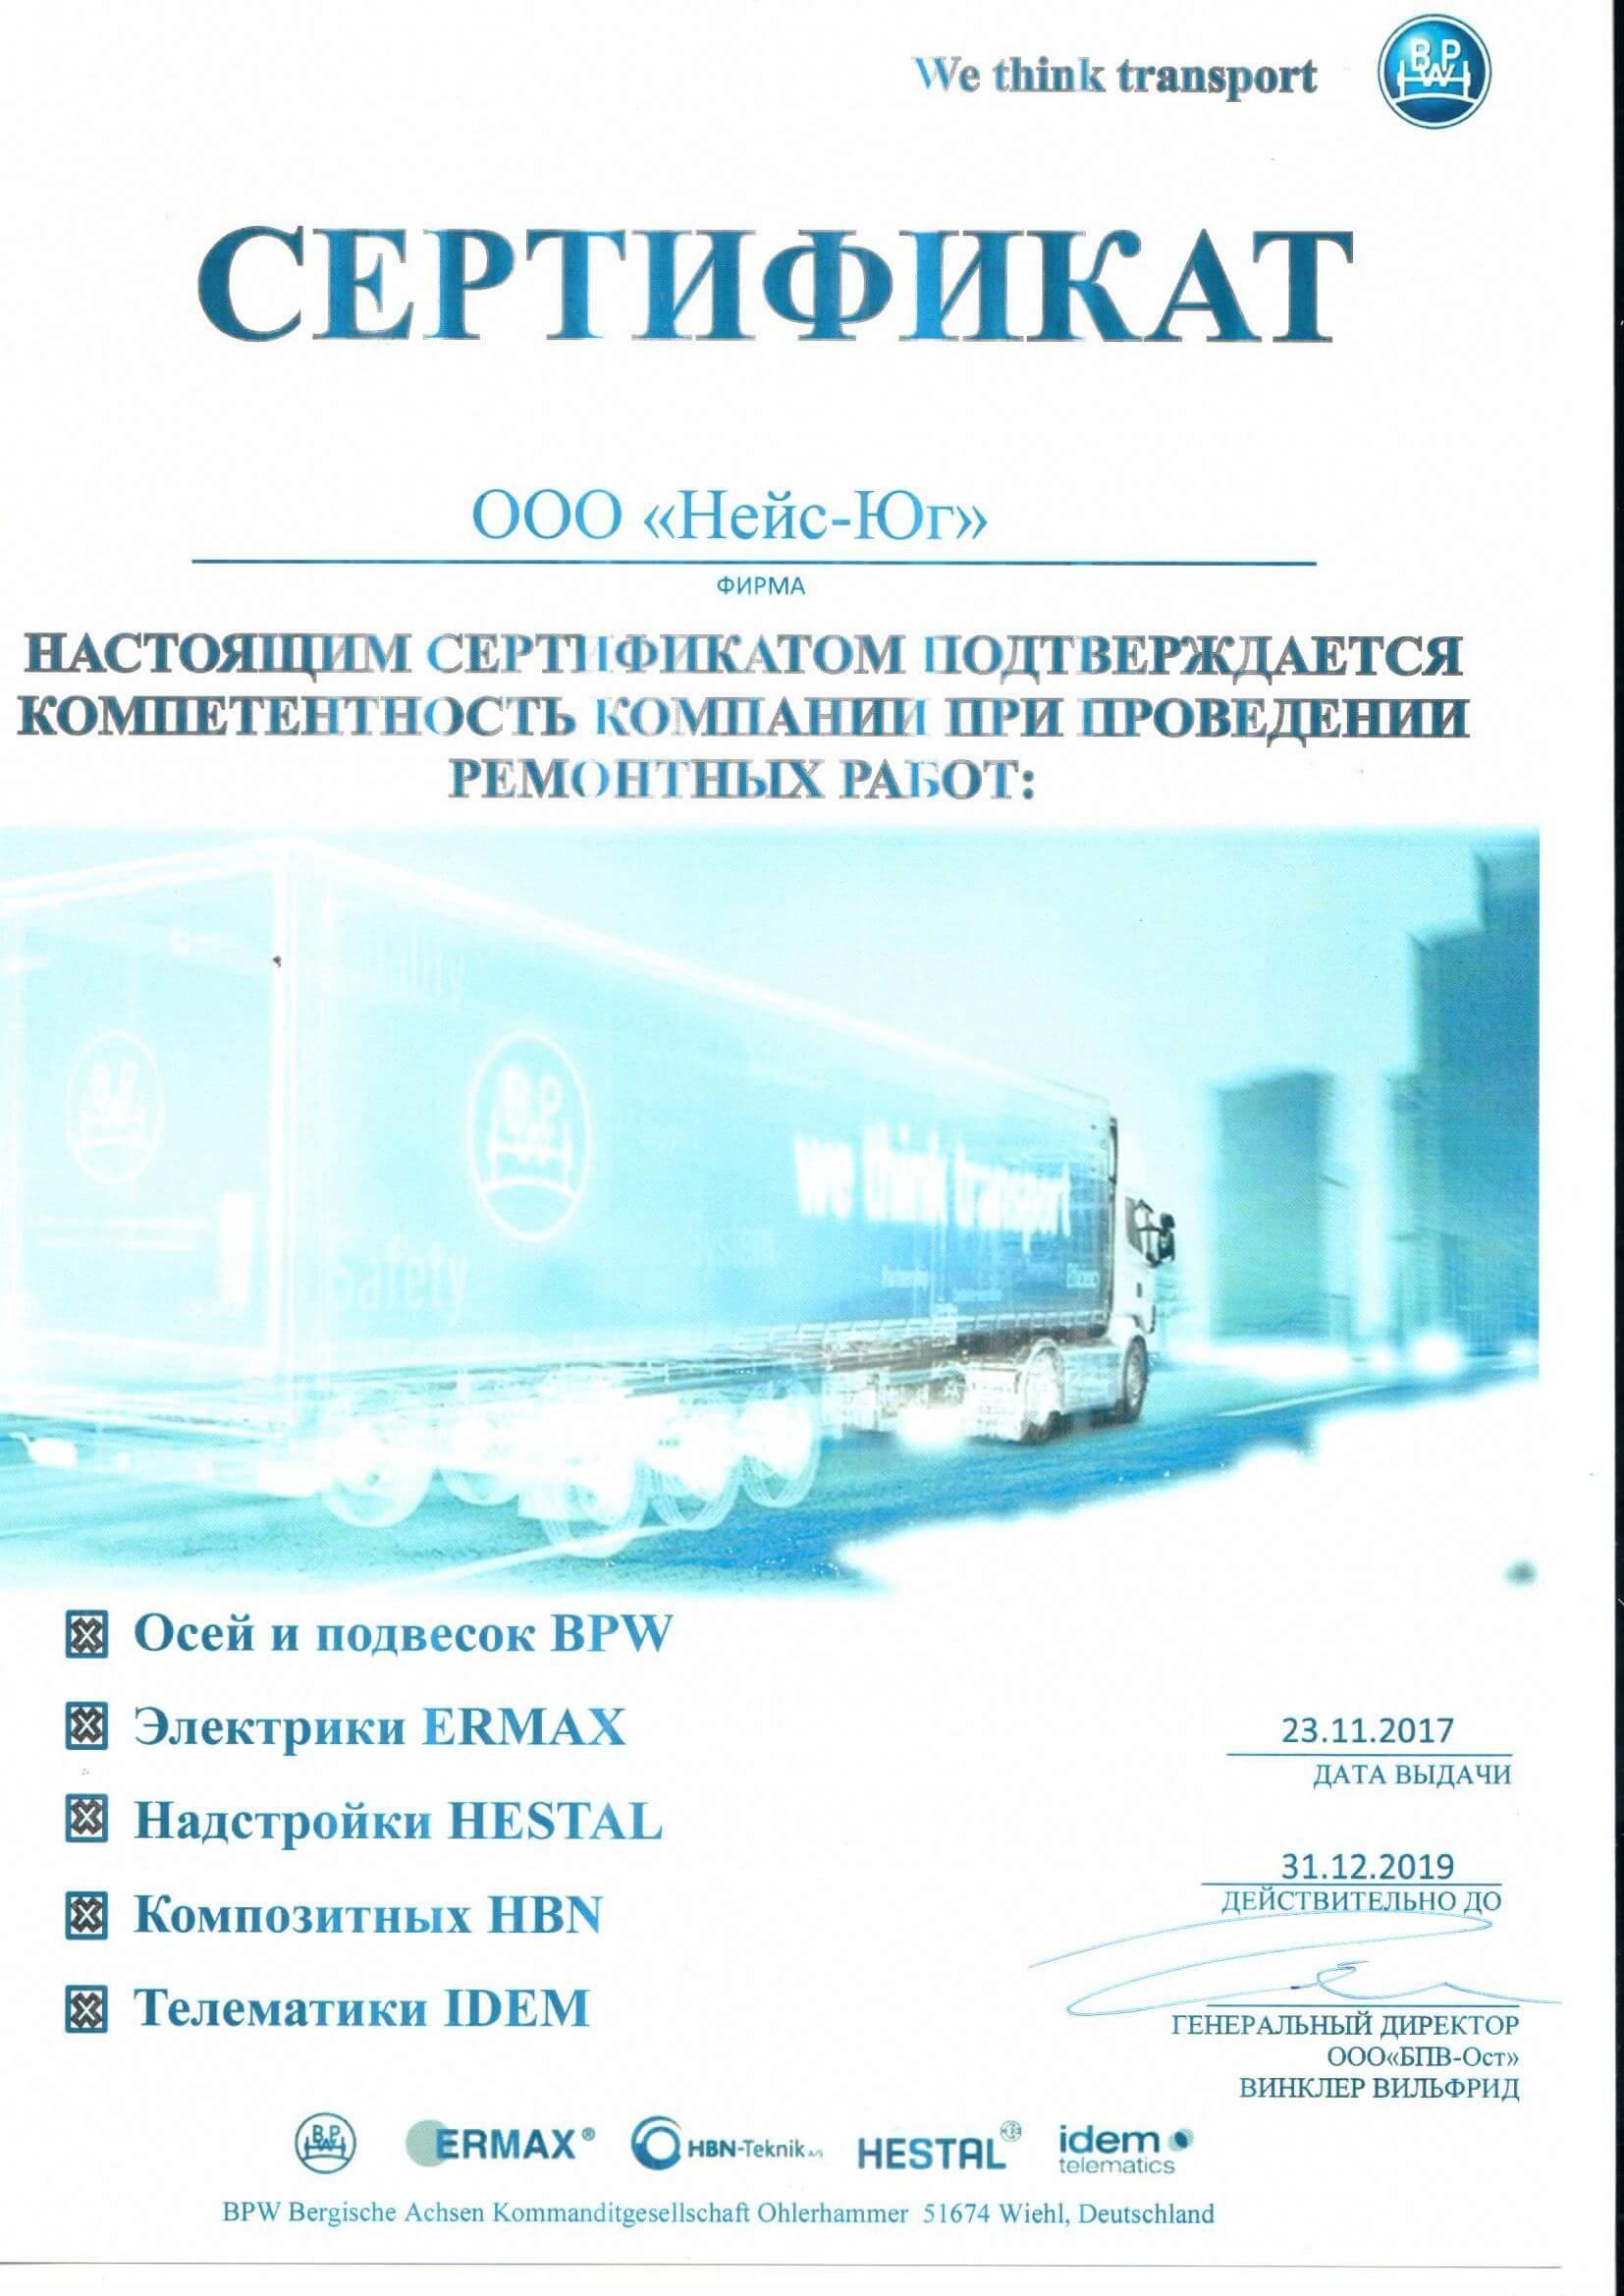 Сертификат ООО «Нейс-Юг»